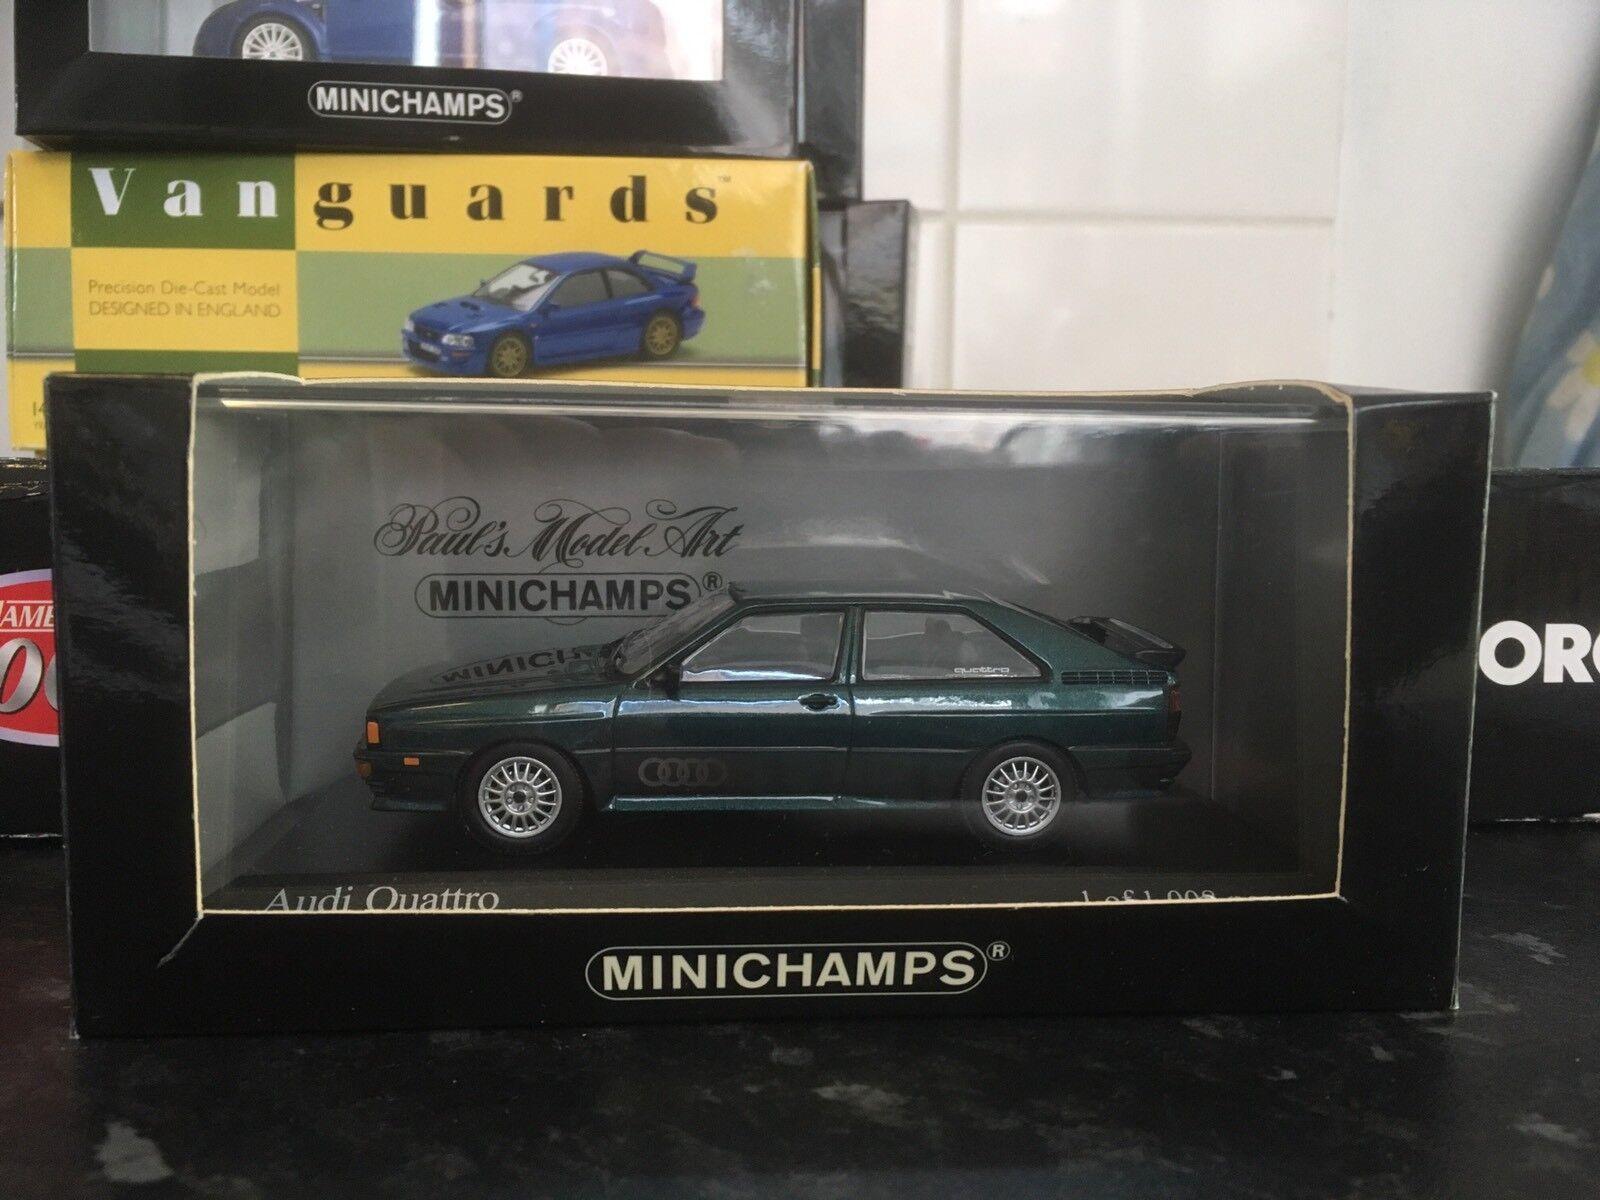 Minichamps Audi Quattro Metallic Grün Lhasa 1 43 MIB Ltd Ed 1981